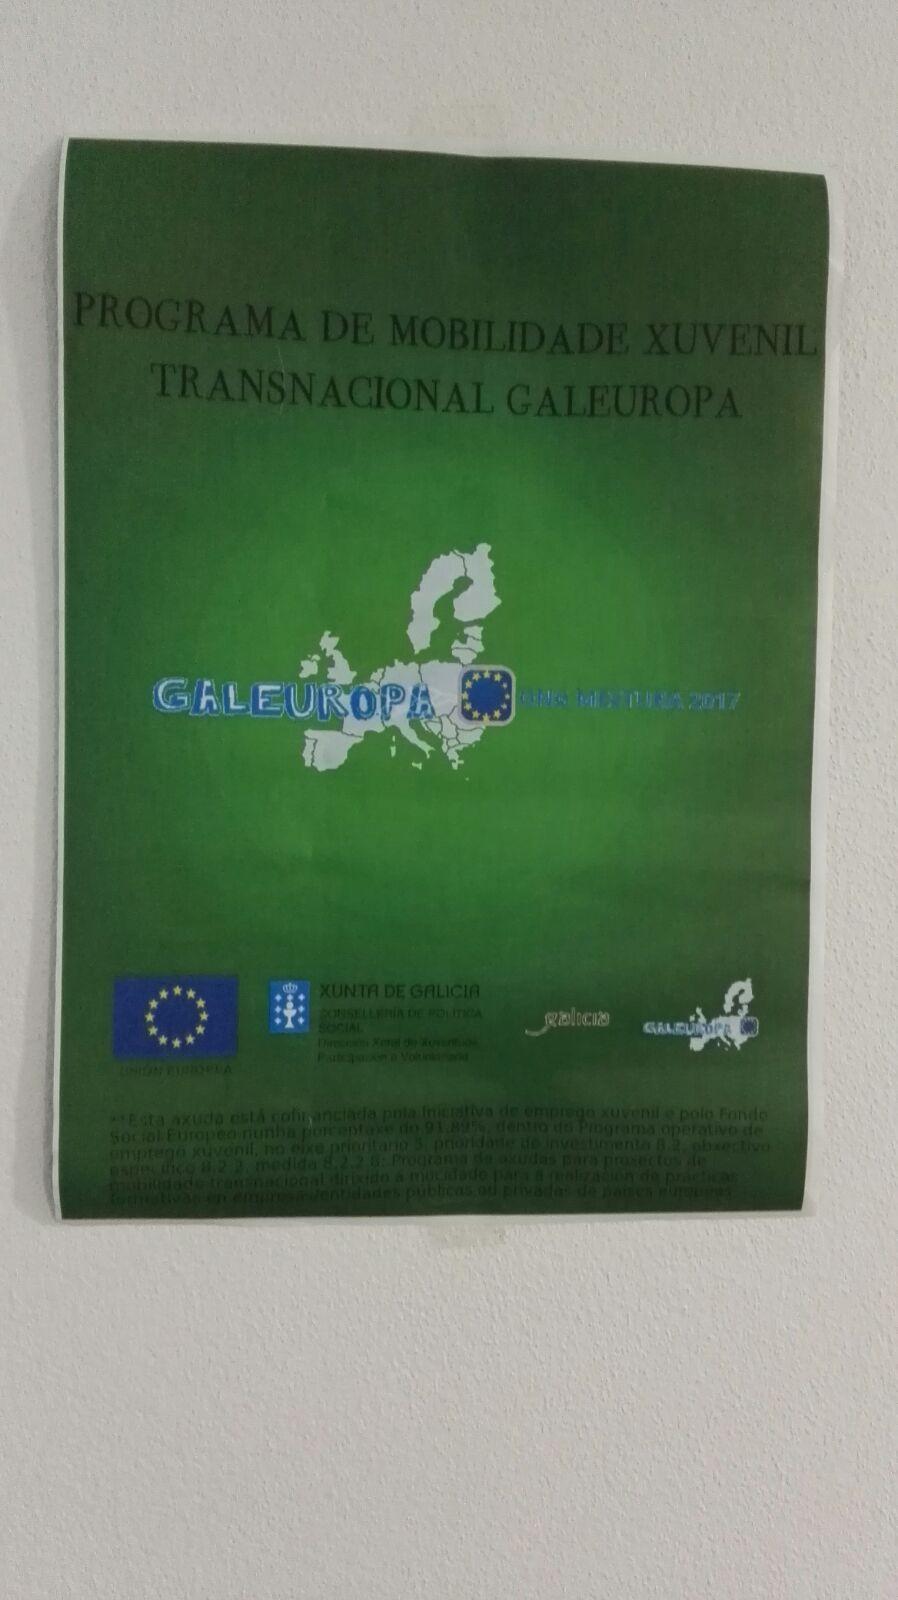 Galeuropa, ONG MESTURA,